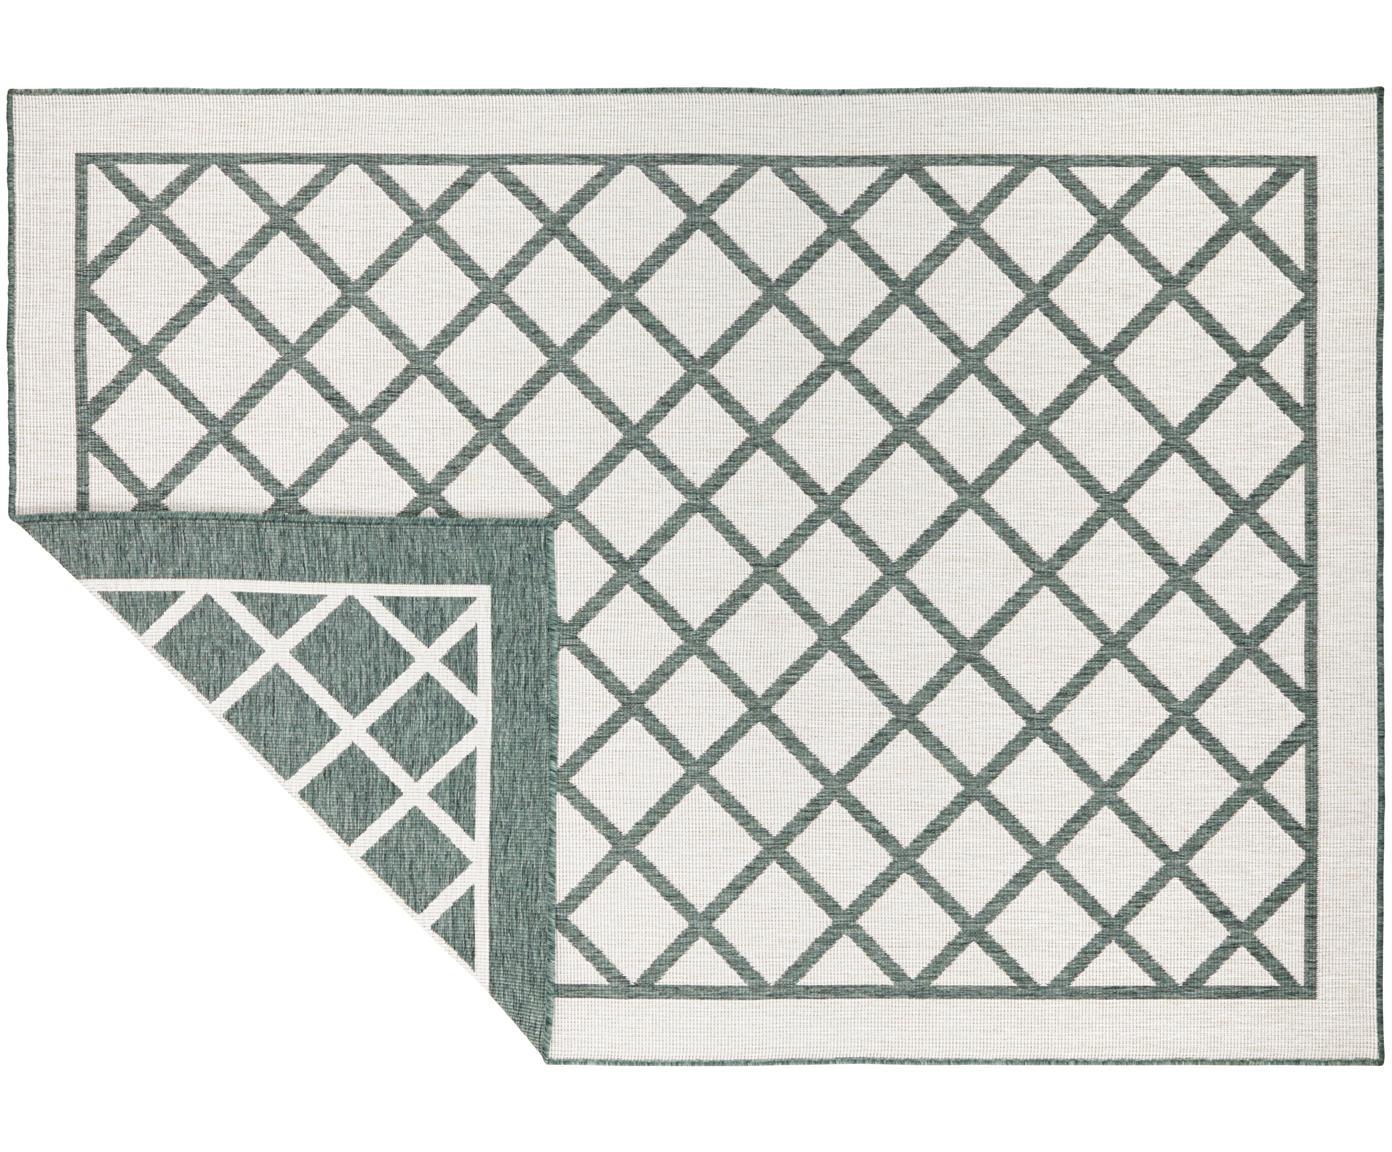 Tappeto reversibile da interno-esterno Sydney, Verde, crema, Larg. 120 x Lung. 170 cm (taglia S)